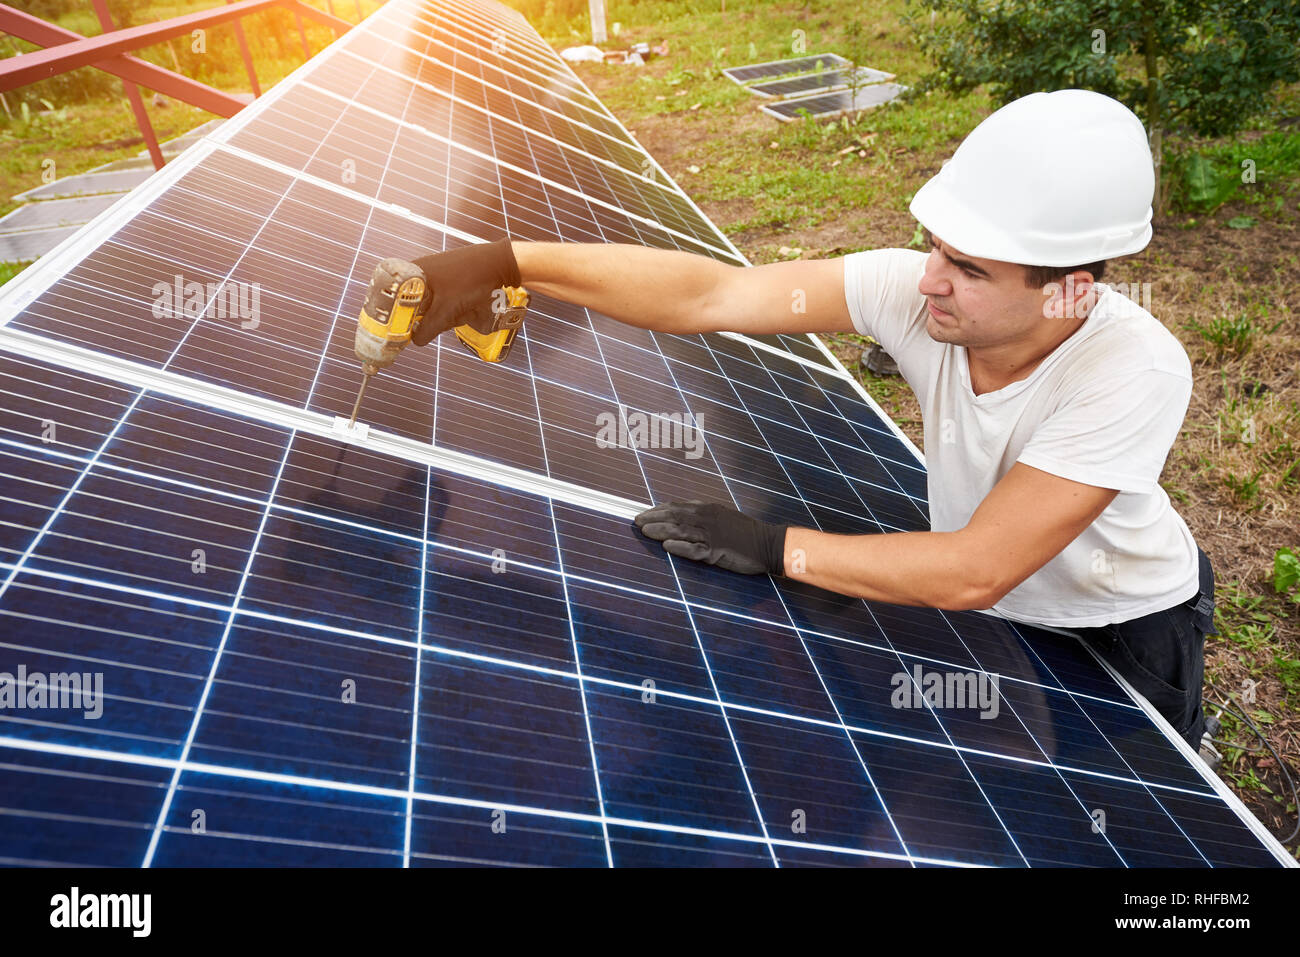 Technicien professionnel travaillant avec tournevis connexion panneau photovoltaïque à l'extérieur de la plate-forme de métal sous ciel bleu clair. L'énergie renouvelable de remplacement écologique vert de concept. Photo Stock